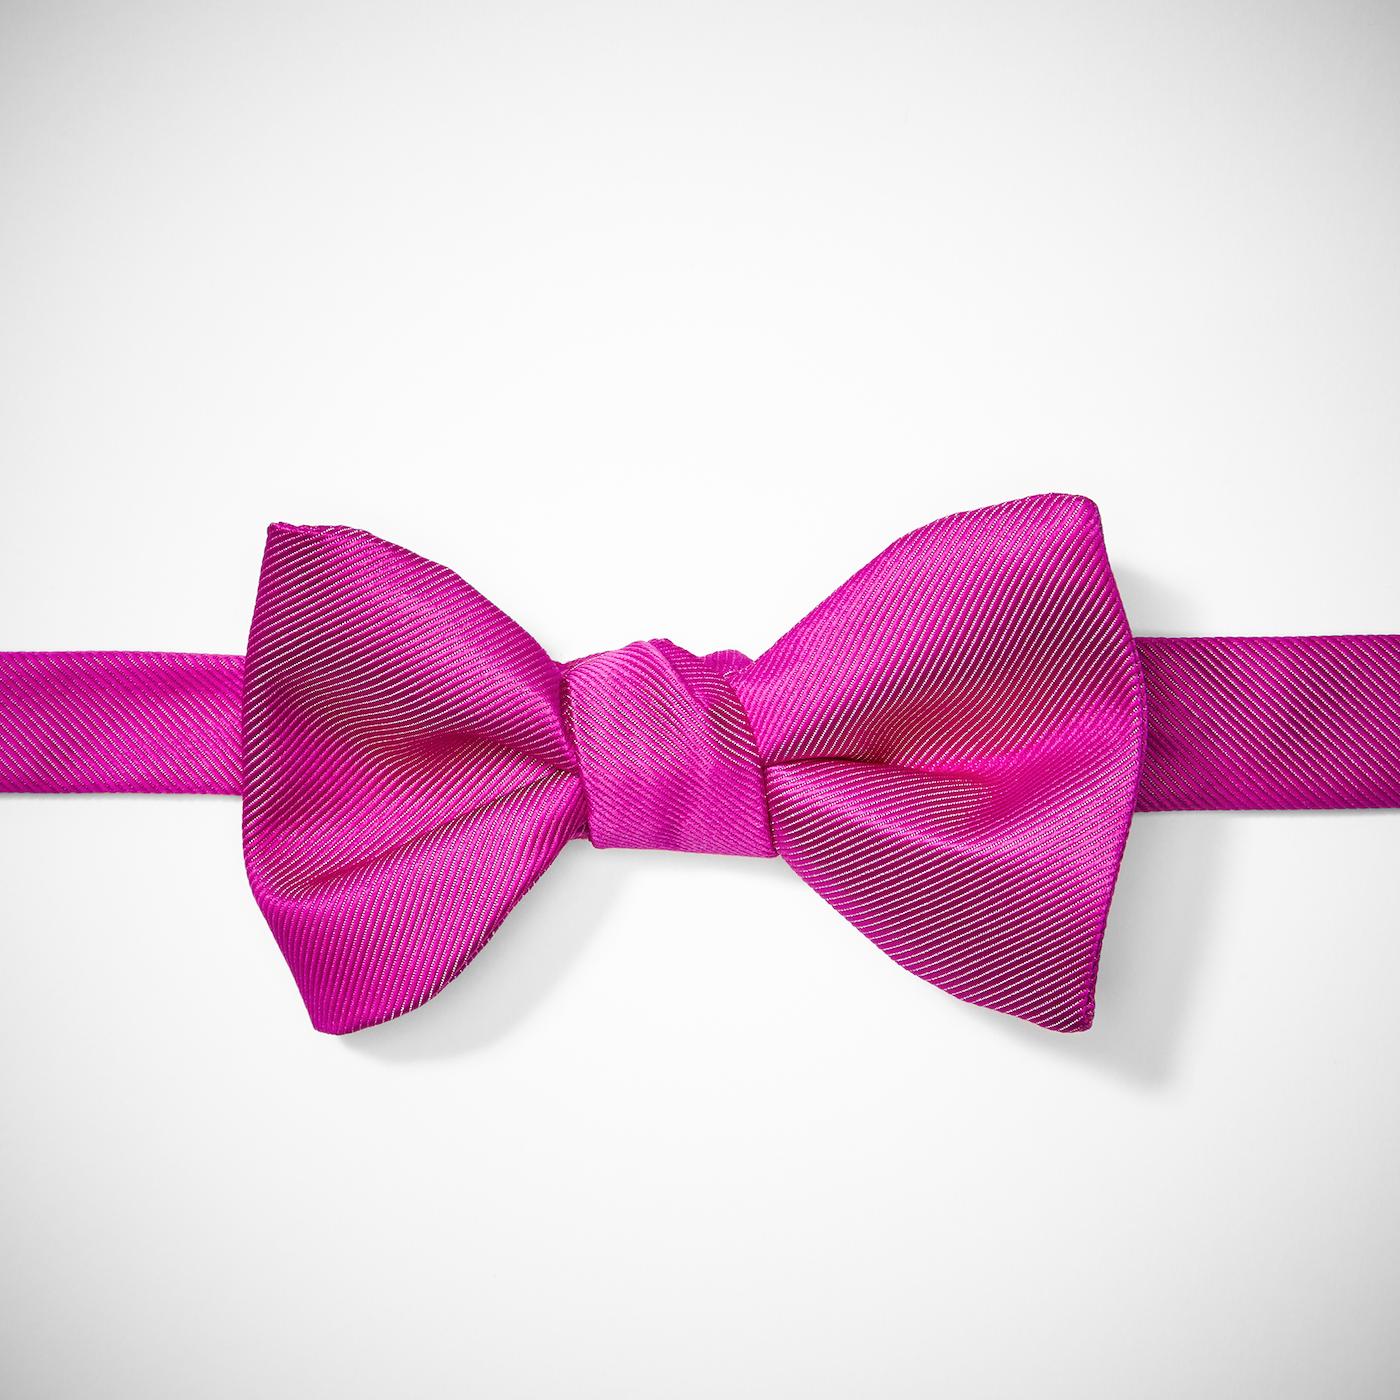 Bright Pink Pre-Tied Bow Tie